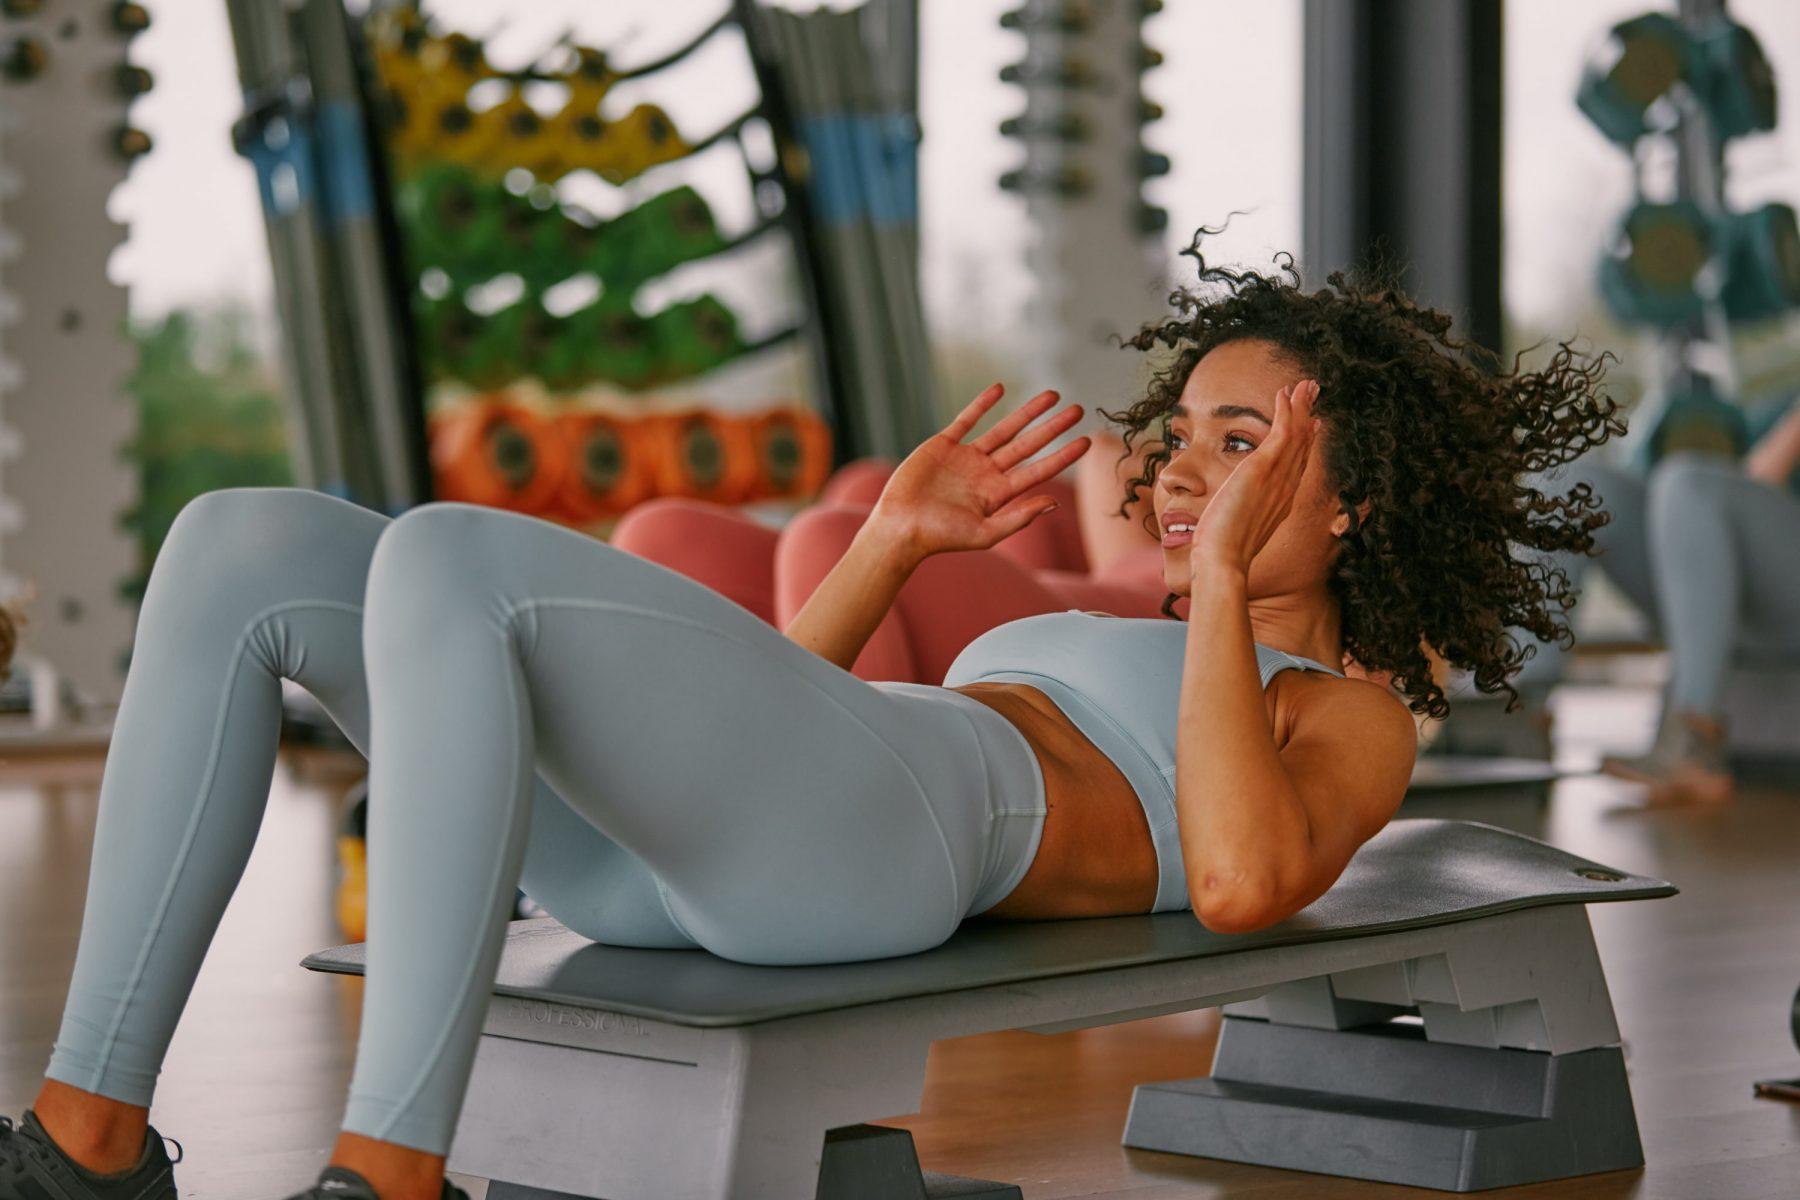 Træning hjemmefra | Steph Elswoods hurtige mavetræning